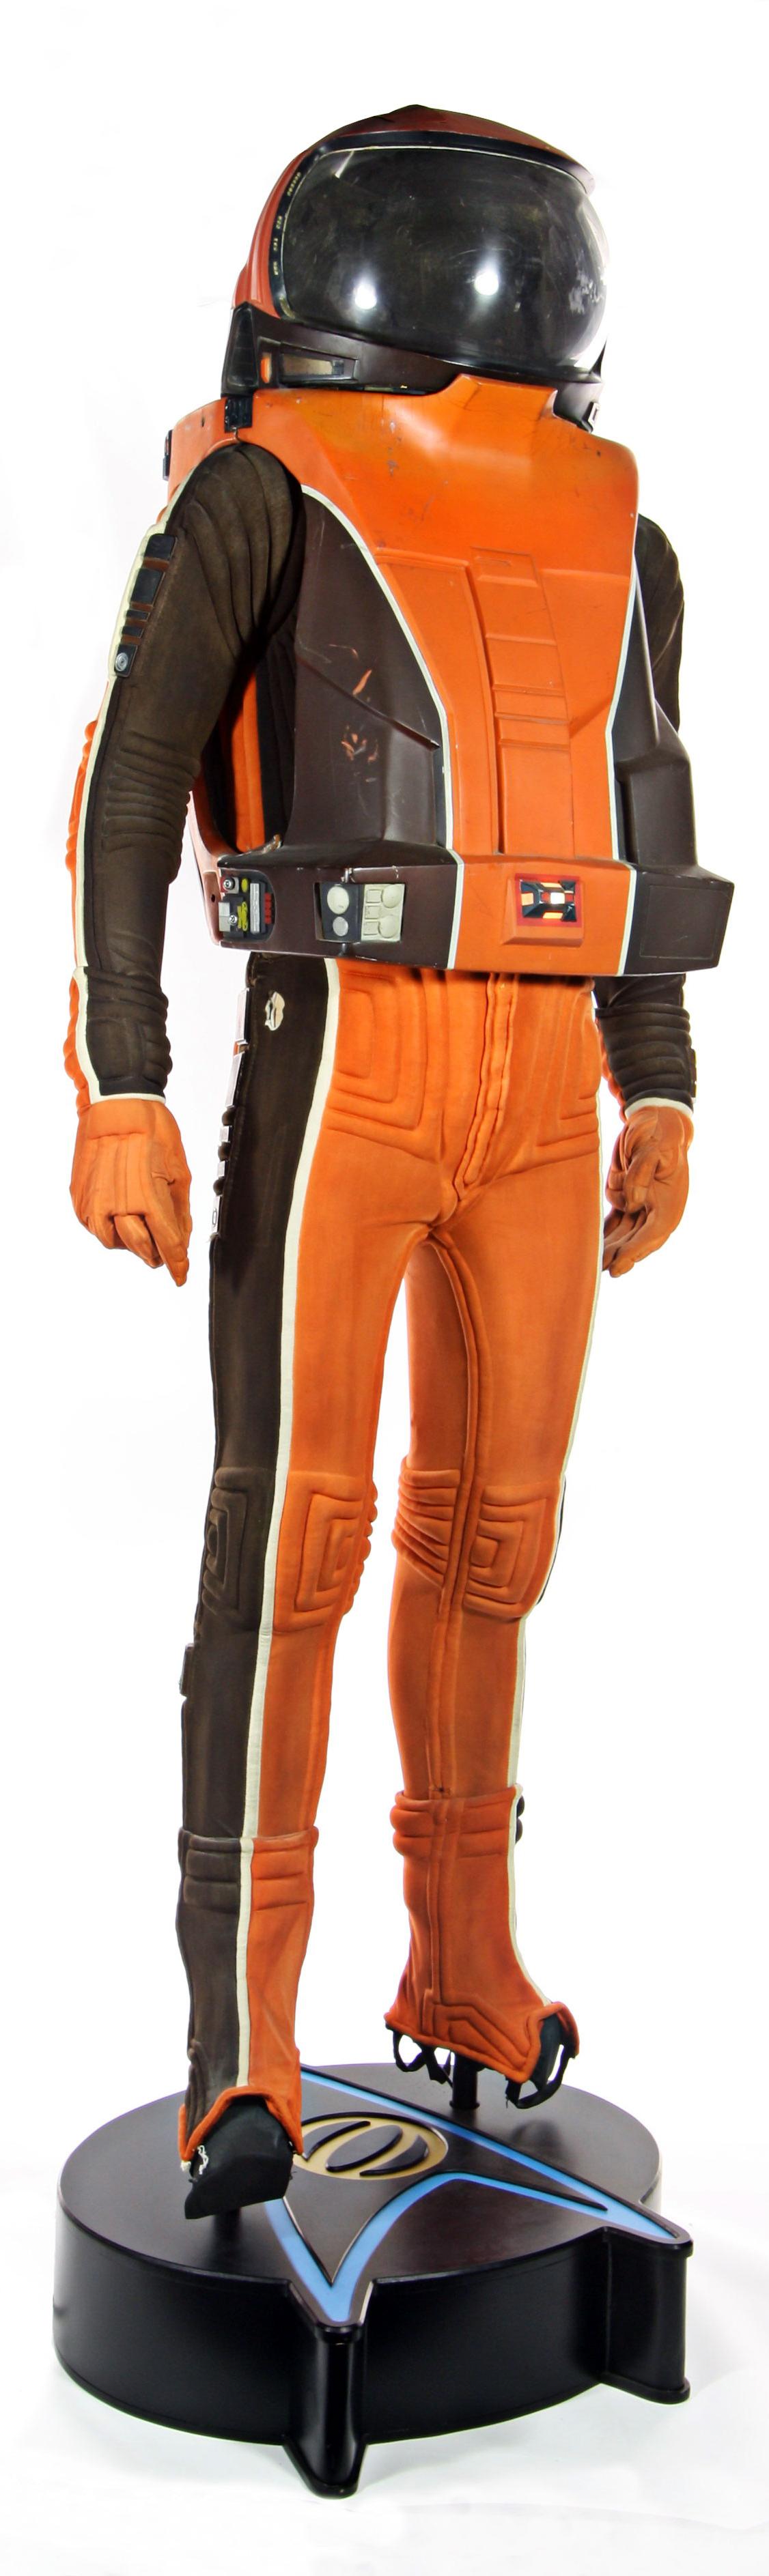 SpockSpaceSuit4